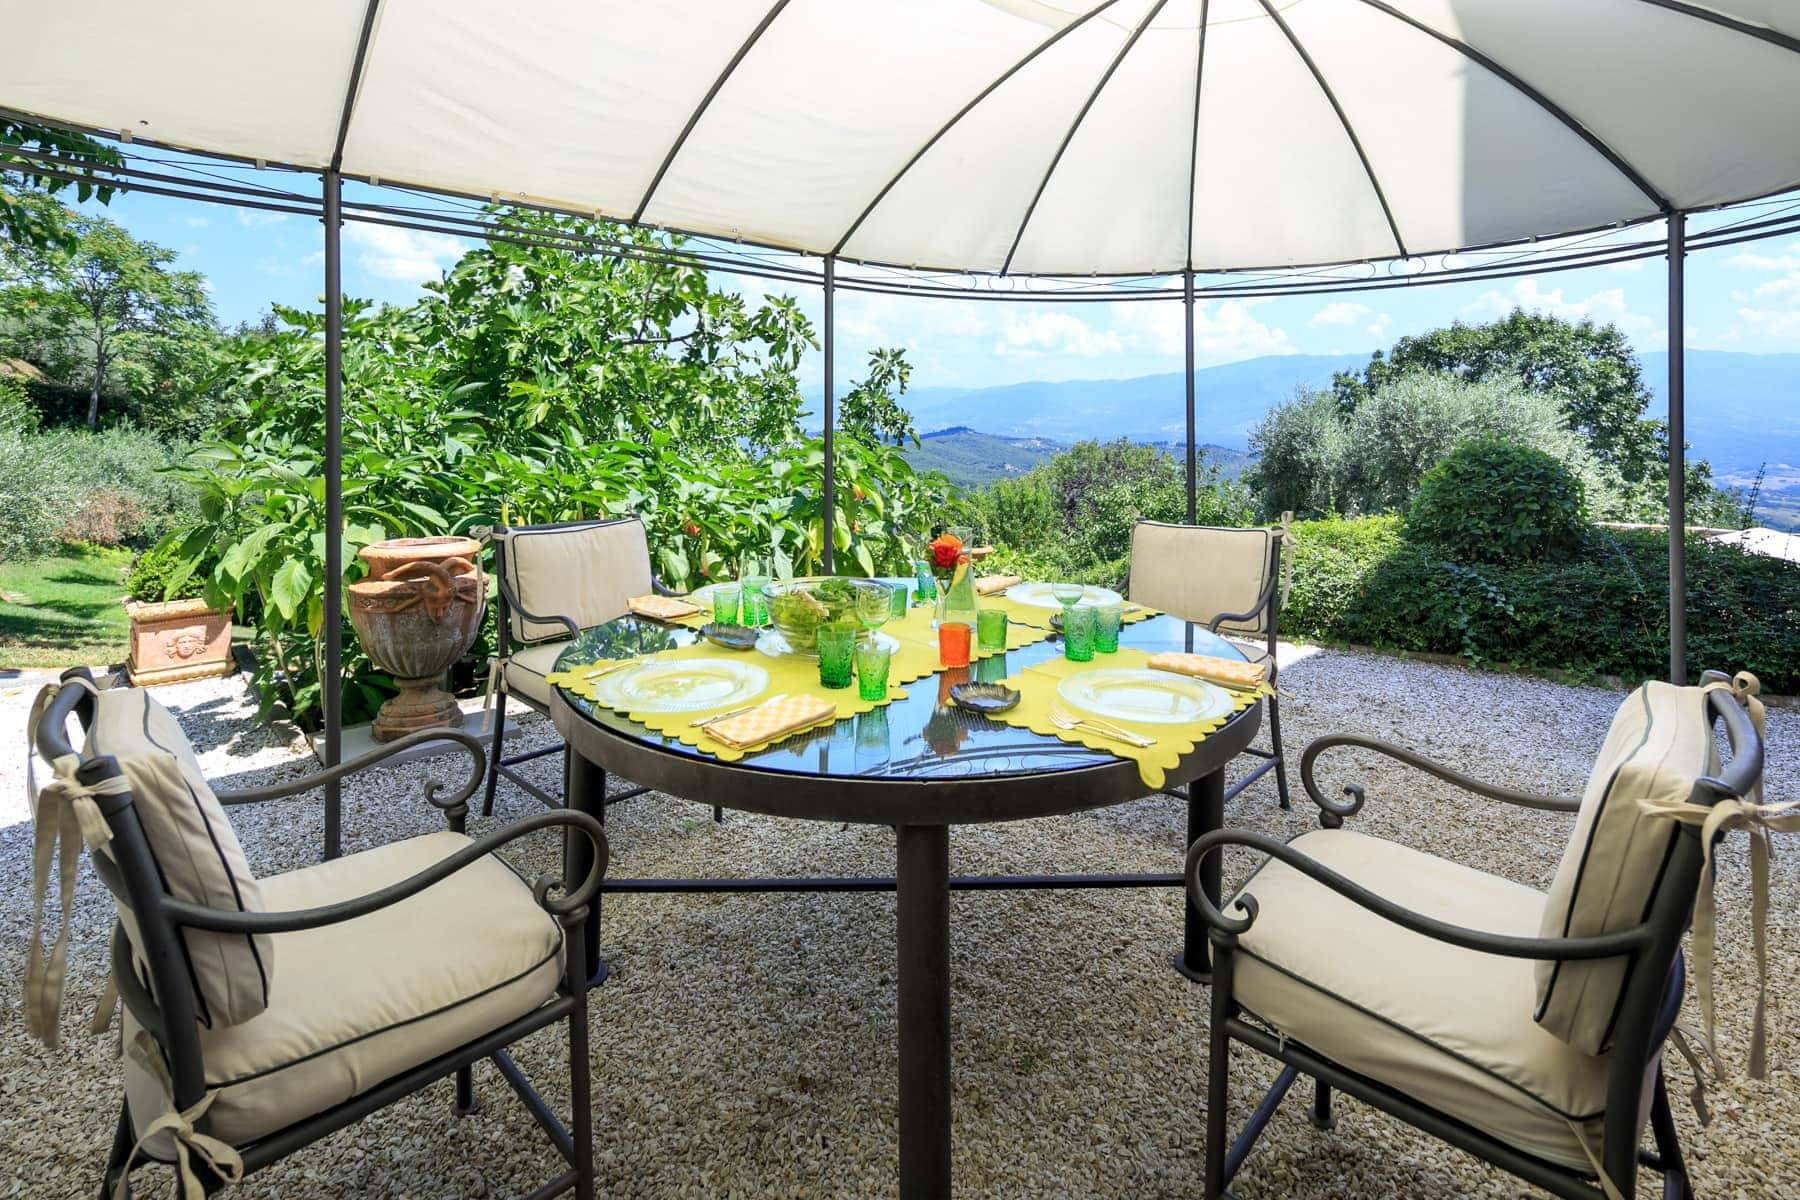 Villa in Affitto a Rignano Sull'Arno: 5 locali, 480 mq - Foto 6